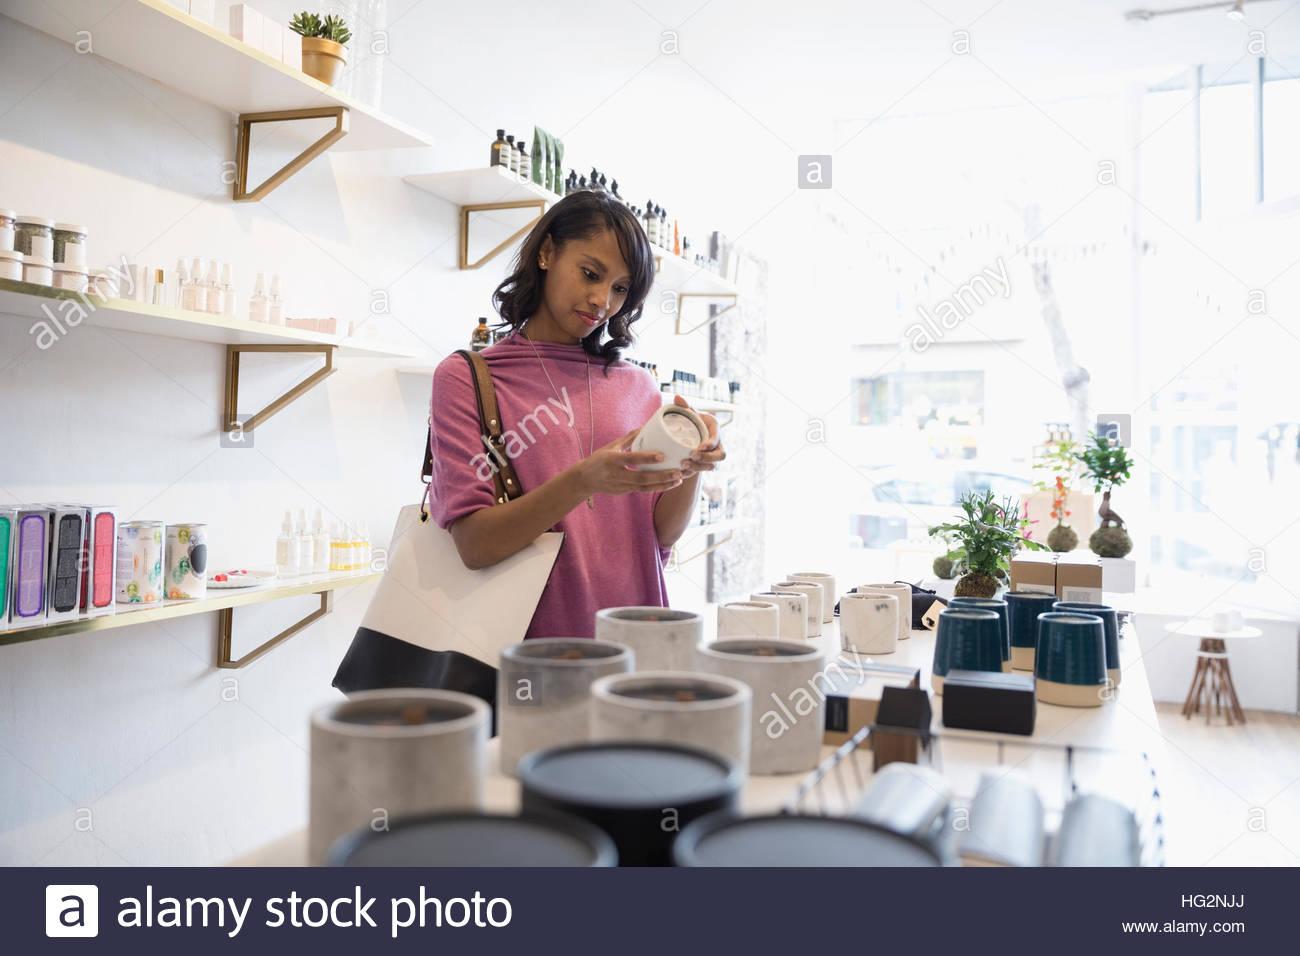 Frau, Einkaufen, Surfen Kerzen im Hause Düfte shop Stockbild